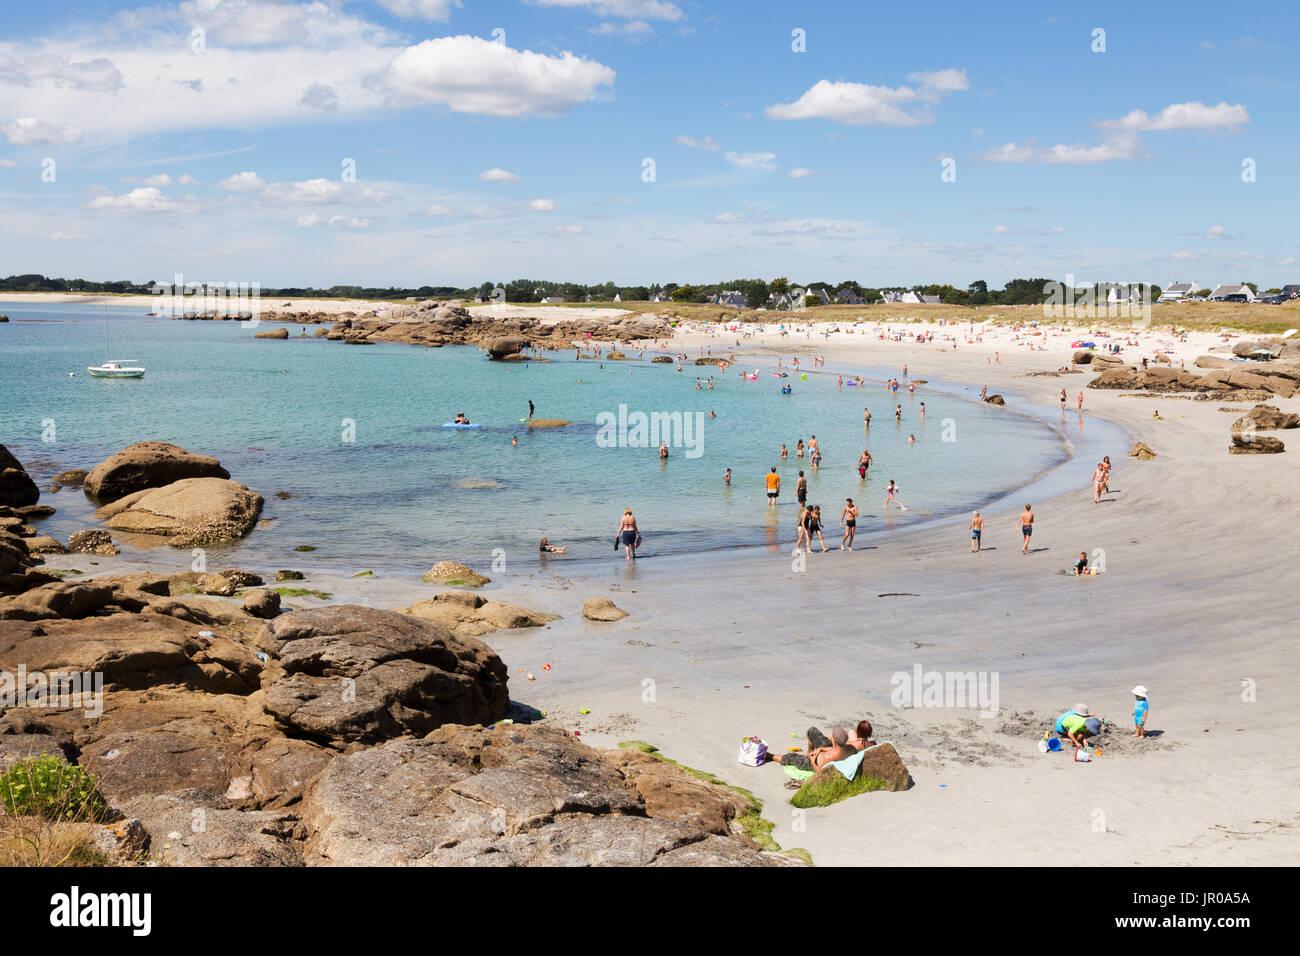 Brittany beach - gente tomando el sol y nadando en la playa en verano, sol, Trevignon, Finisterre, Bretaña Francia Europa Foto de stock